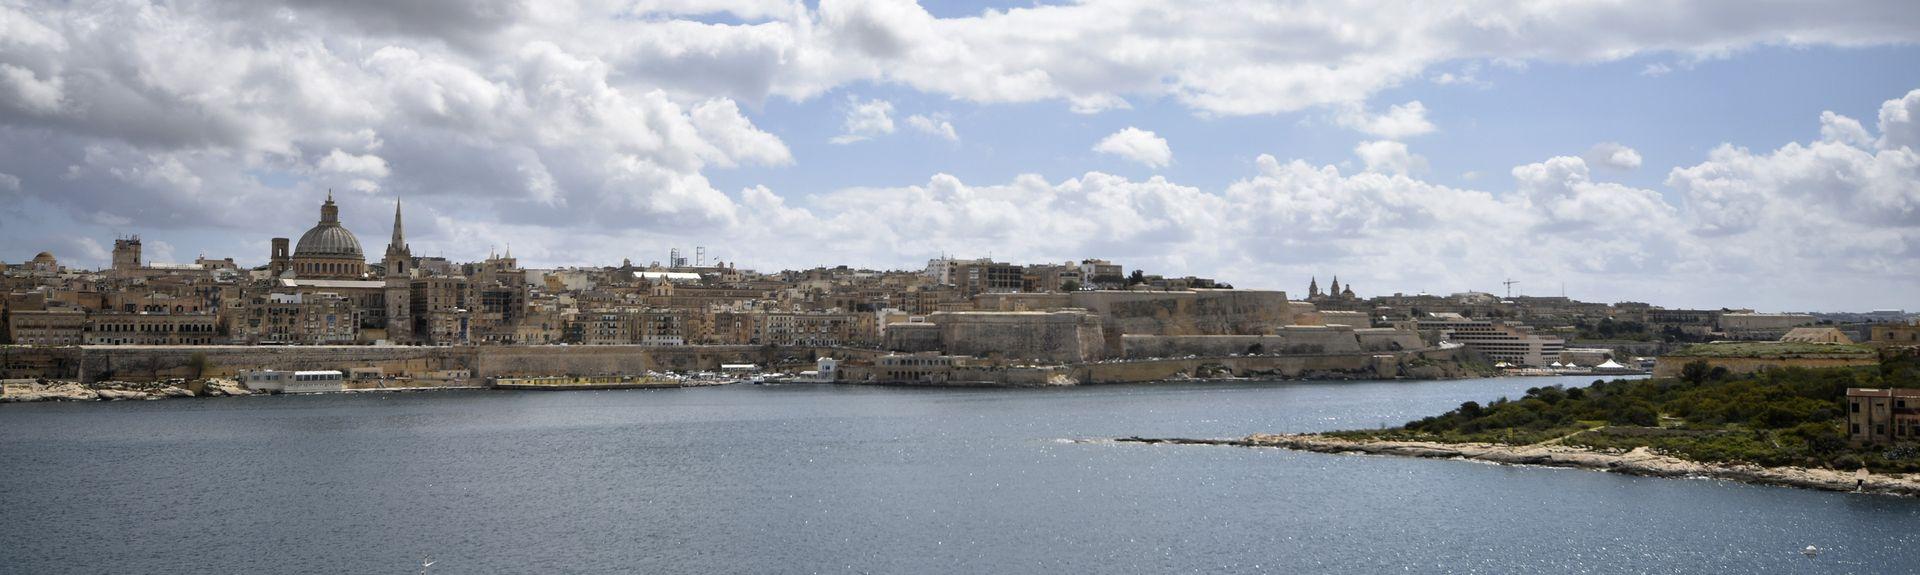 Iklin, Malta